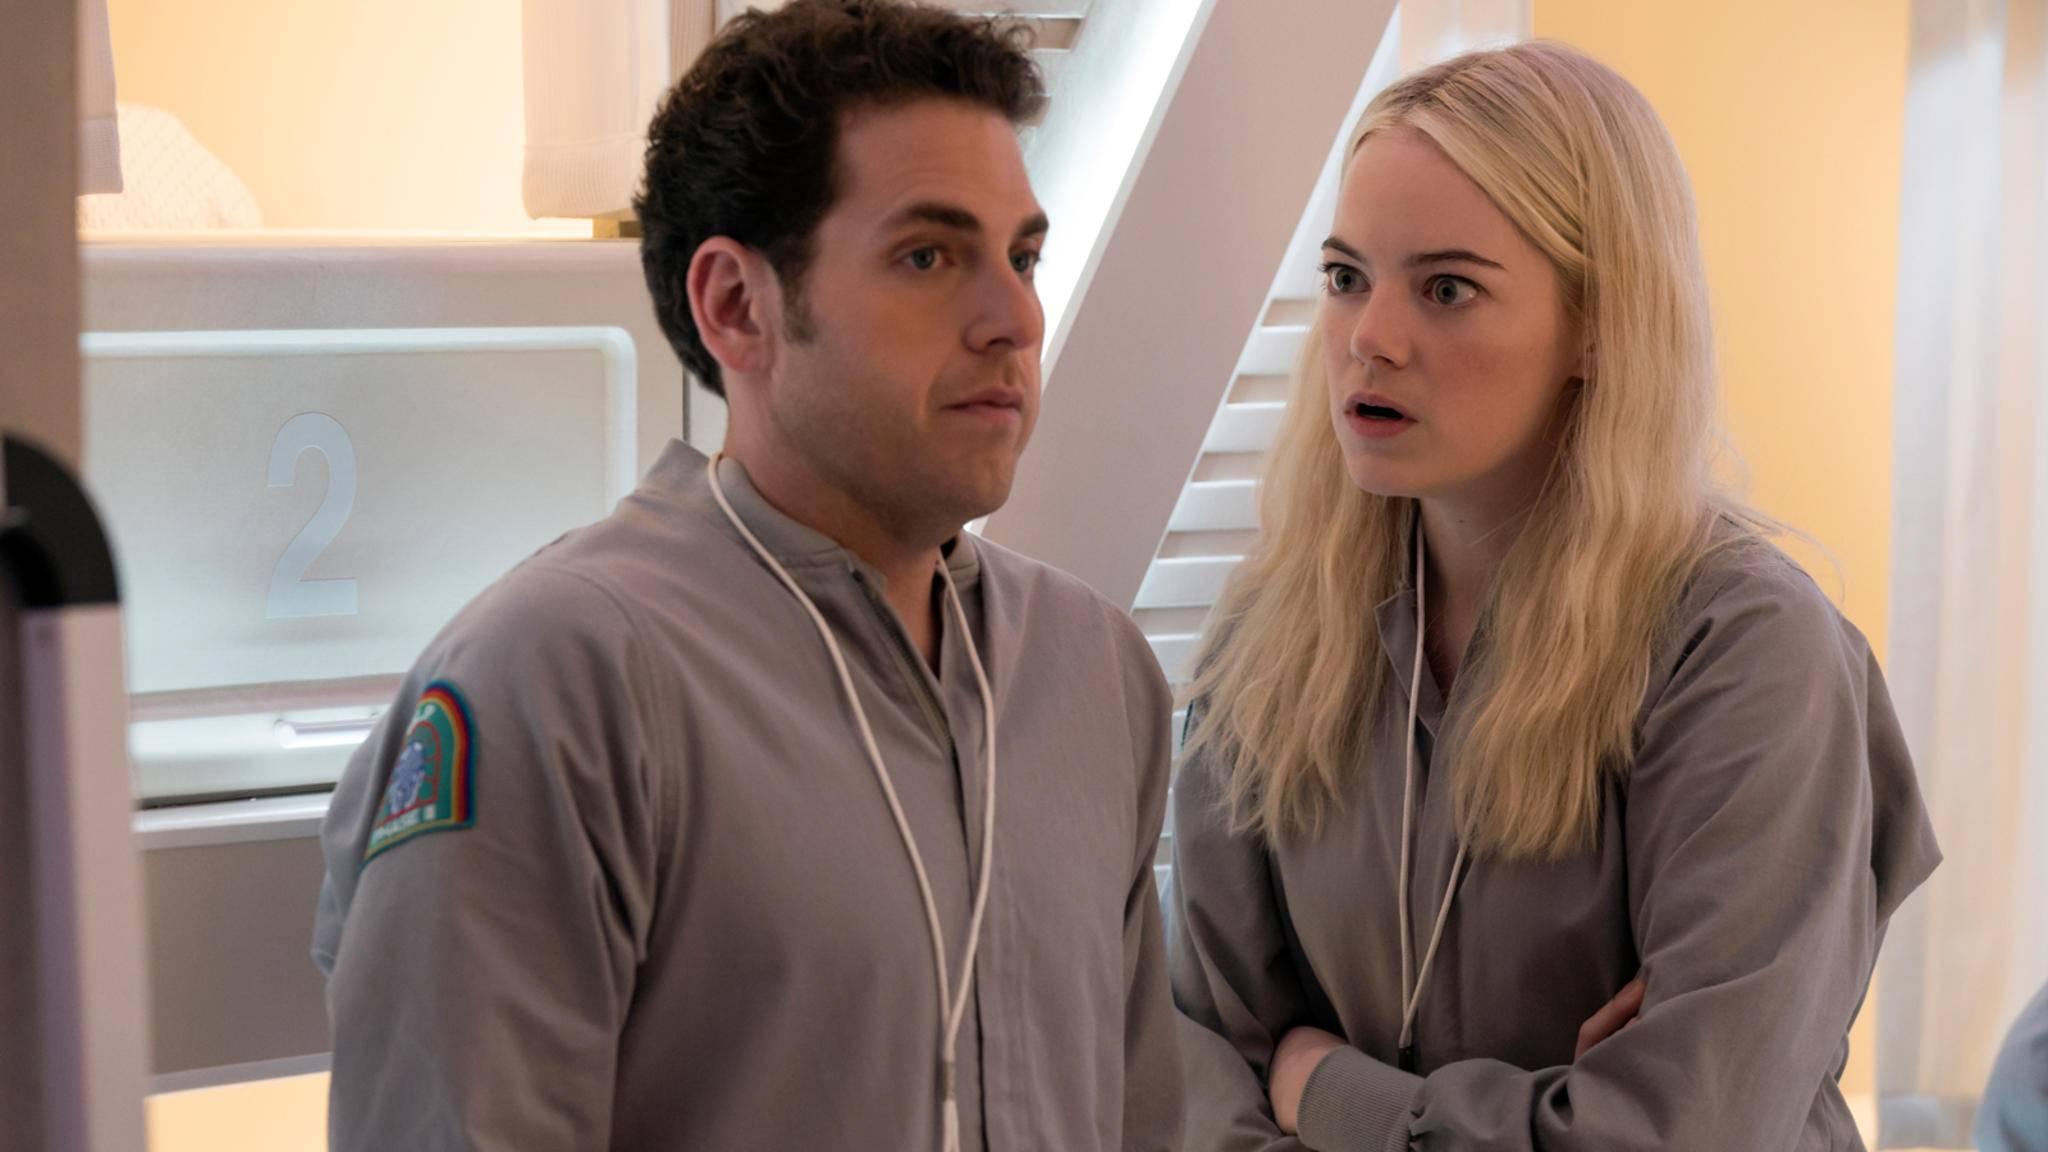 """In der Netflix-Serie """"Maniac"""" standen Jonah Hill und Emma Stone nach """"Superbad"""" erneut gemeinsam vor der Kamera."""